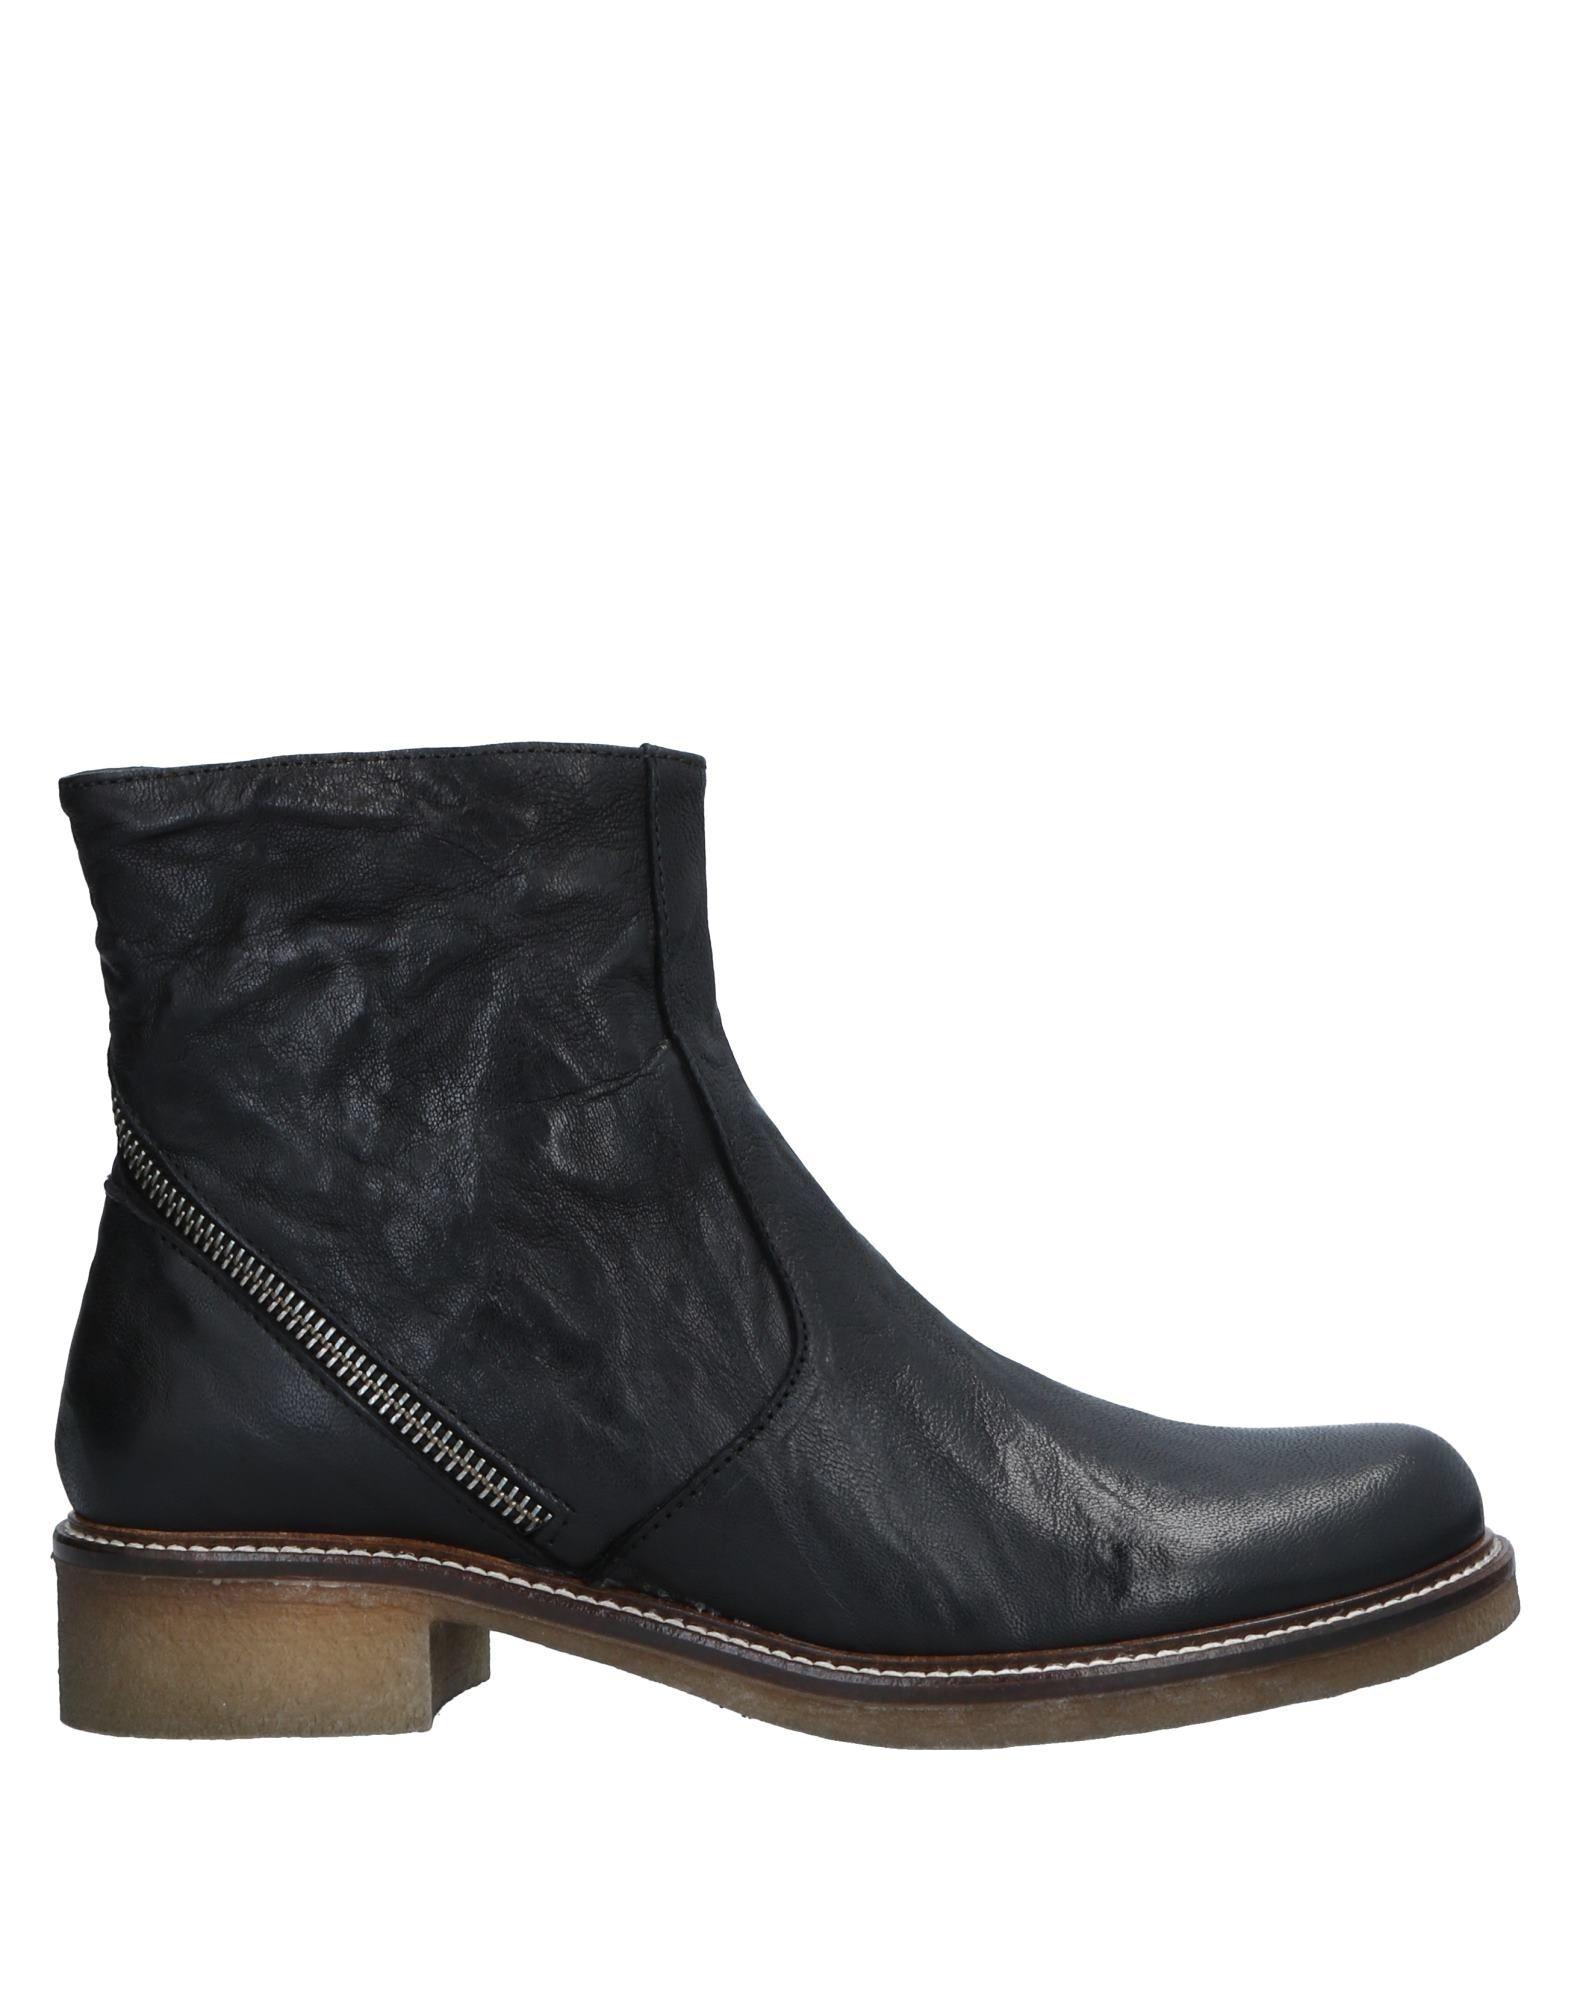 Donna Più Stiefelette Damen  11526846JF Gute Qualität beliebte Schuhe